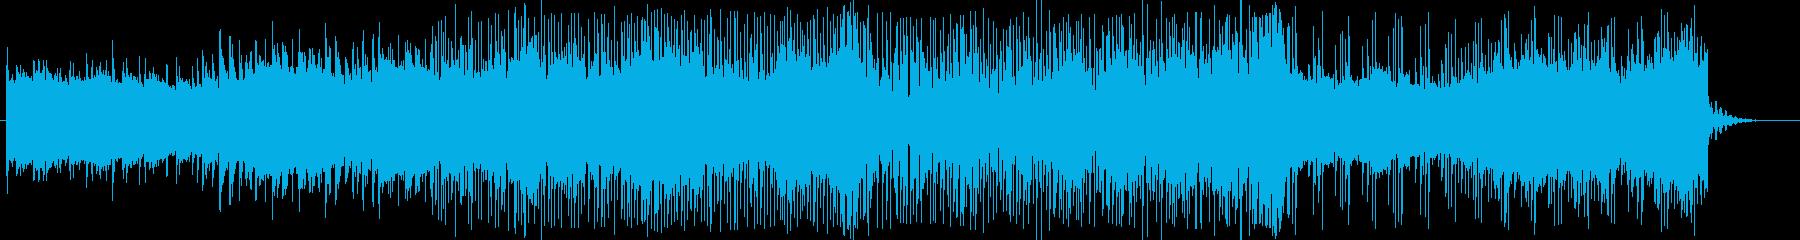 おしゃれ・クール・疾走感のあるエレクトロの再生済みの波形